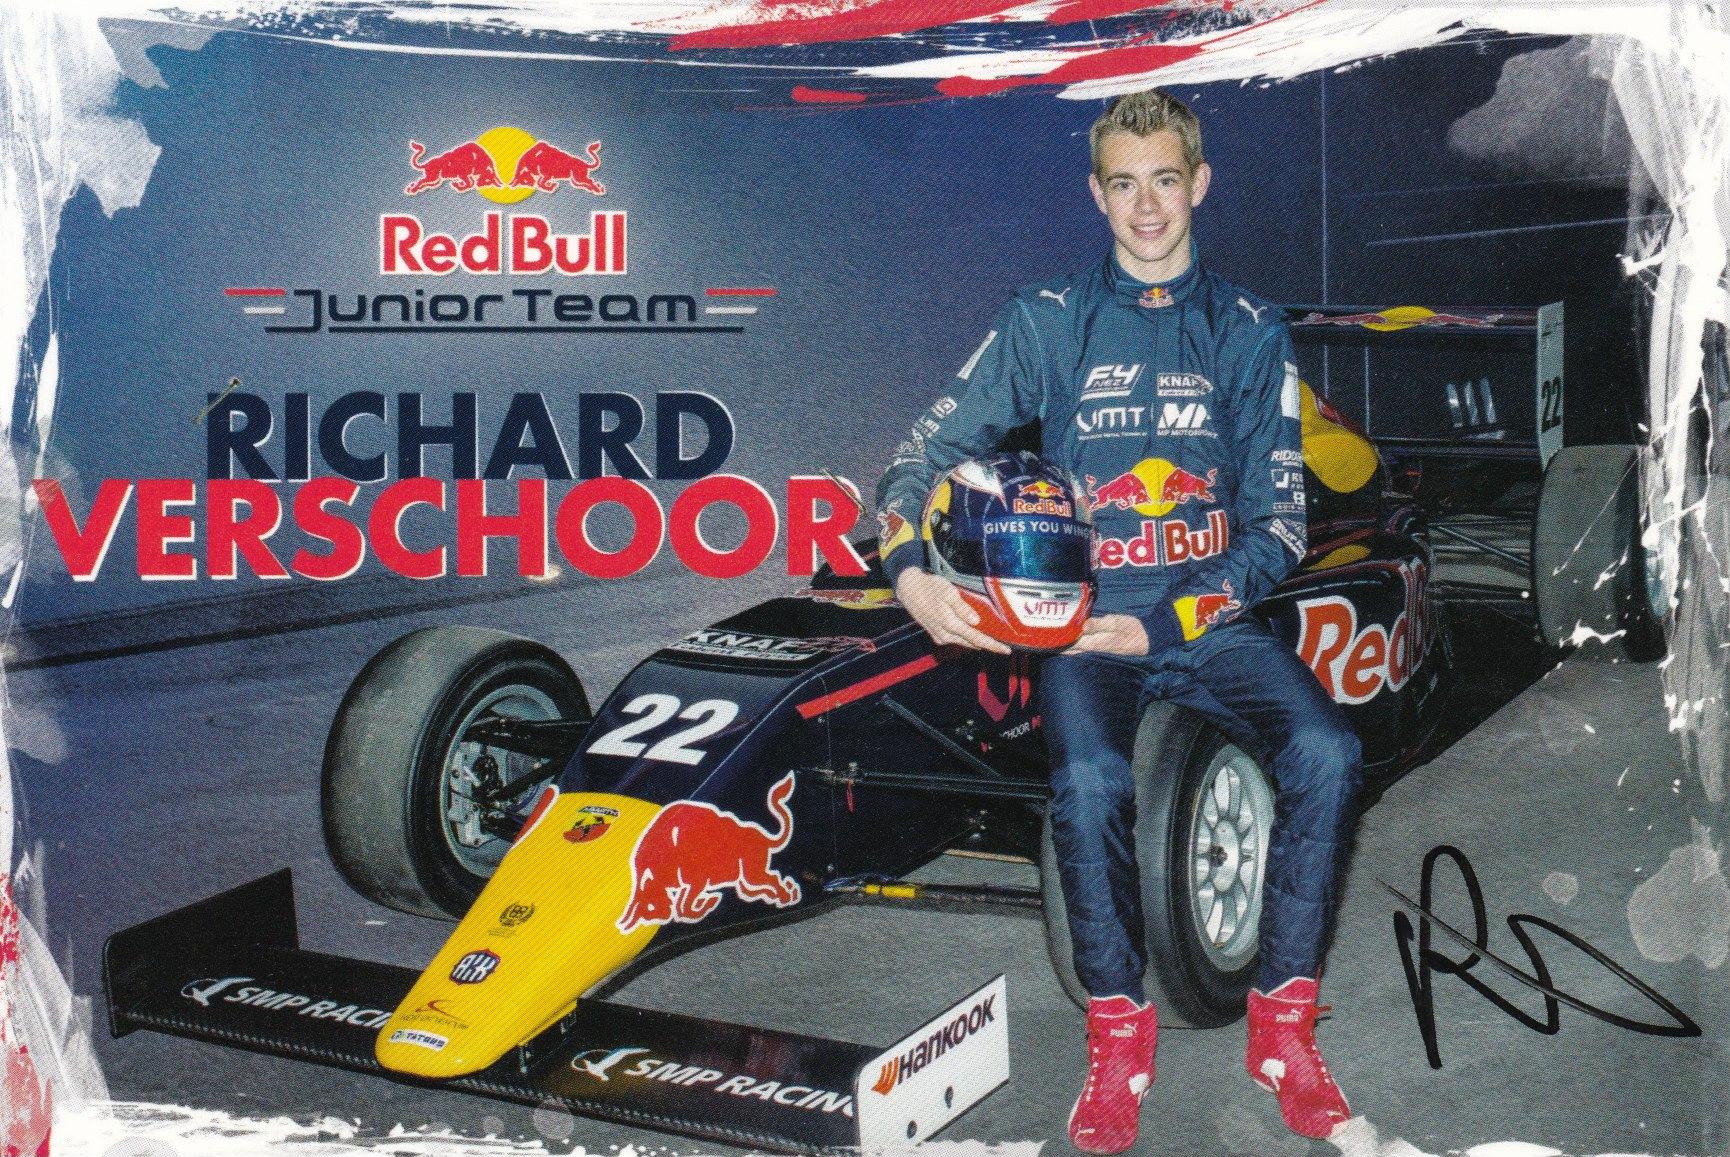 Richard Veschoor Red Bull Junior Team 2016